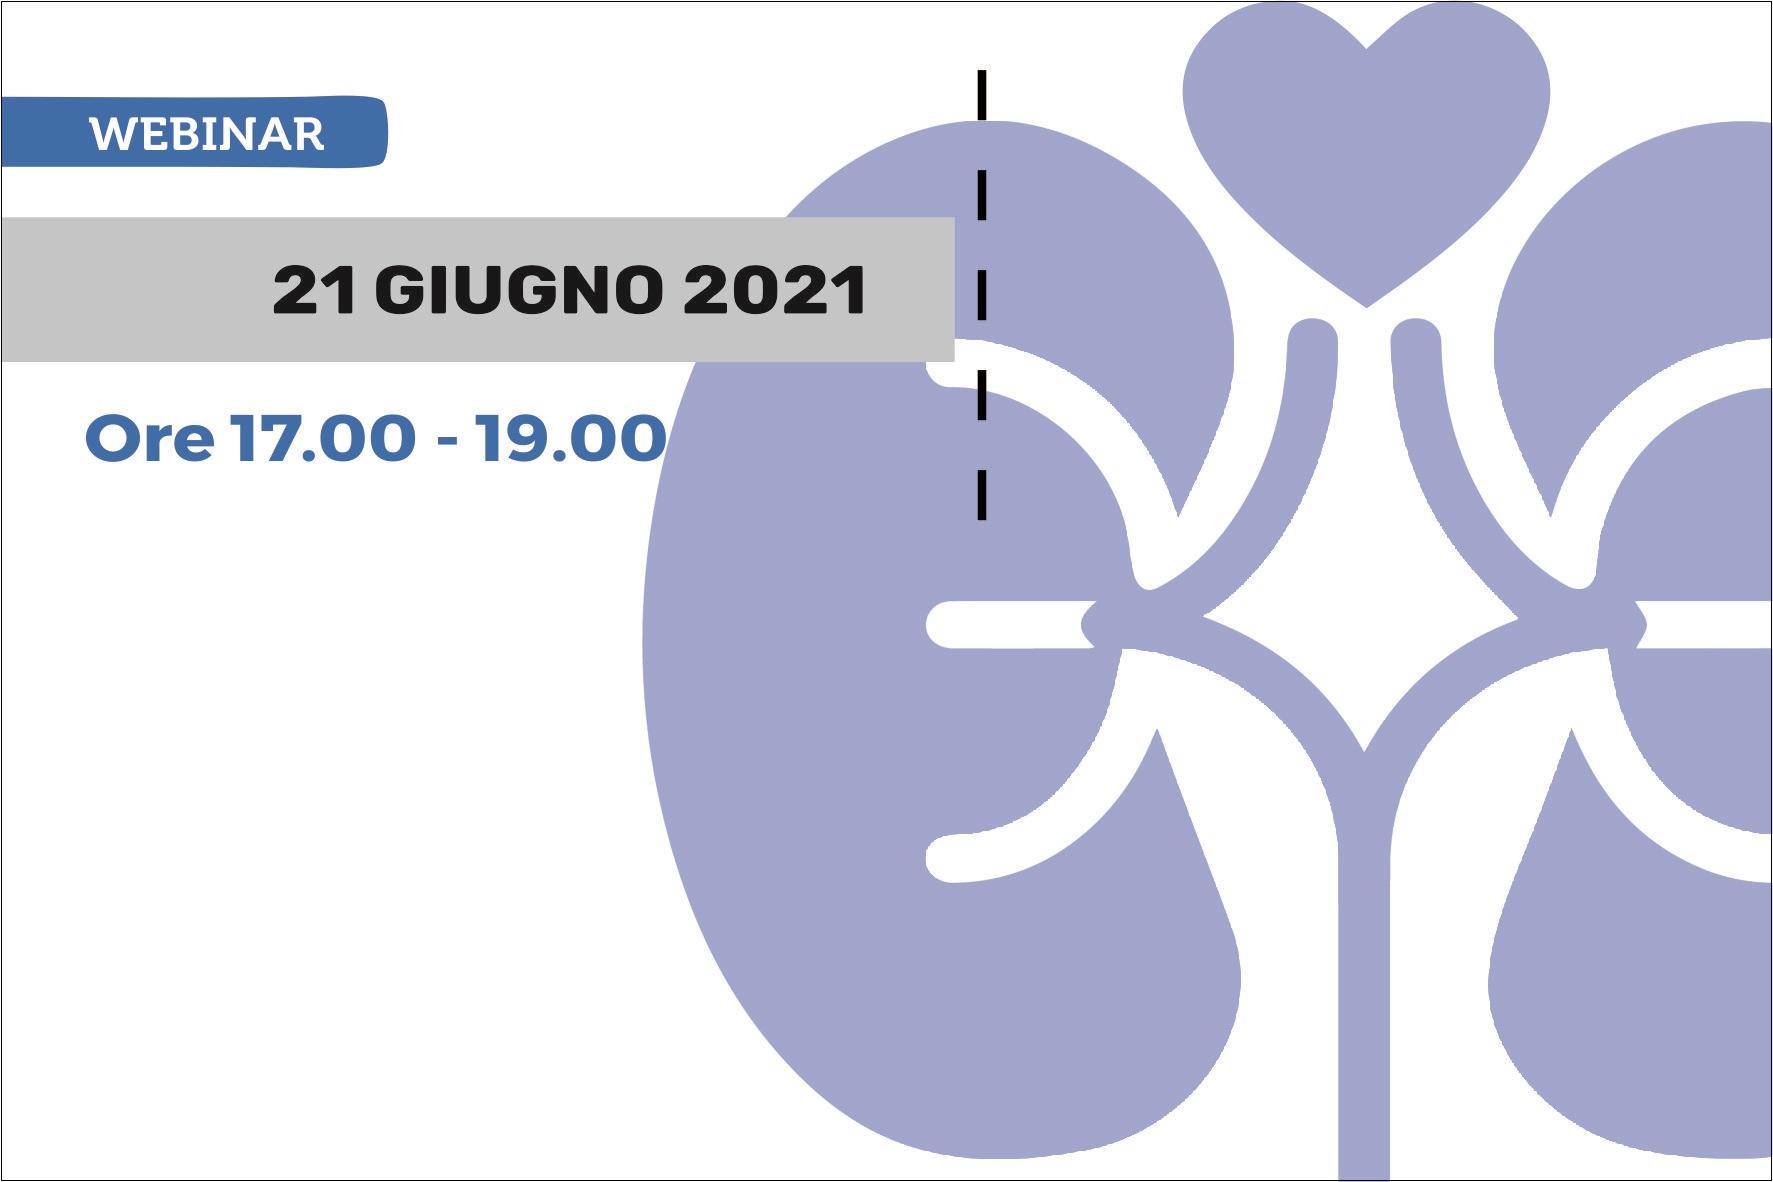 Dalla valutazione del rischio cardiovascolare all'adeguamento della terapia; la collocazione degli SGLT-2 inibitori nella protezione cardio- renale